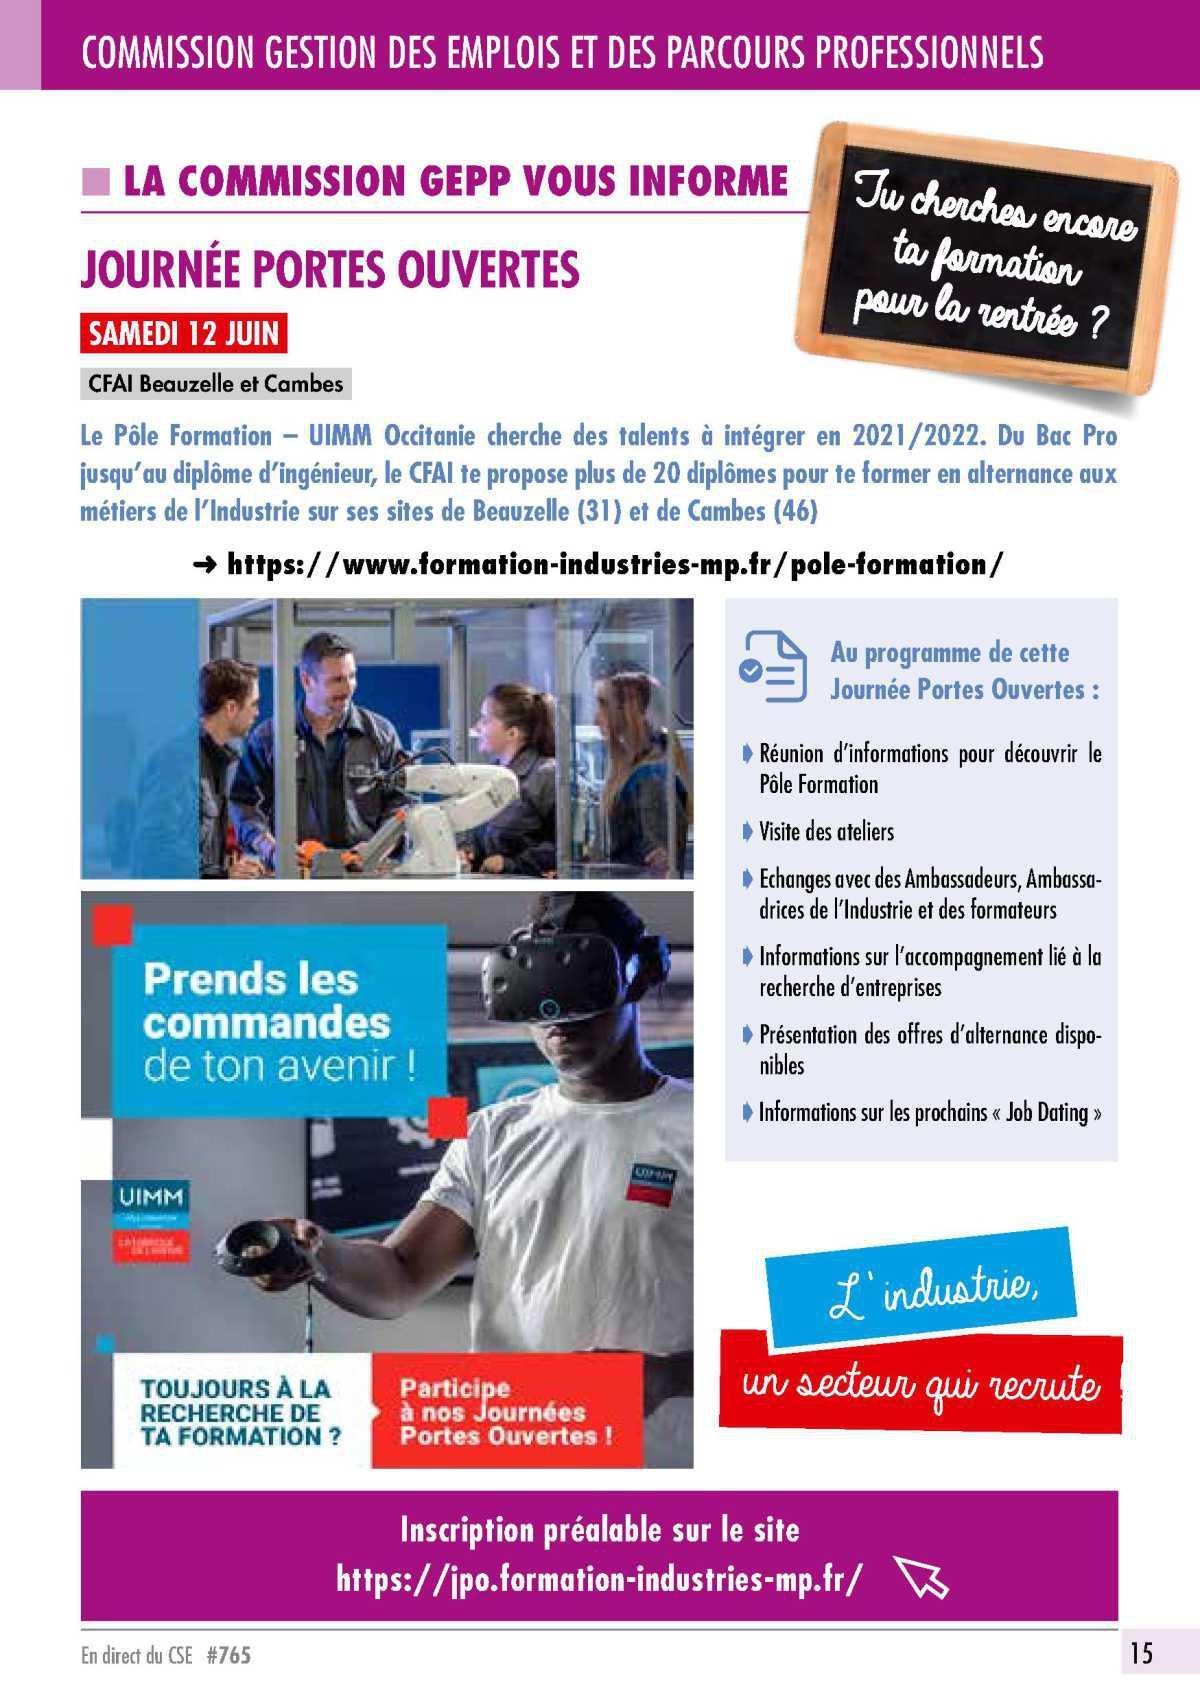 Journée Porte Ouverte CFAI de Beauzelle le 12 juin